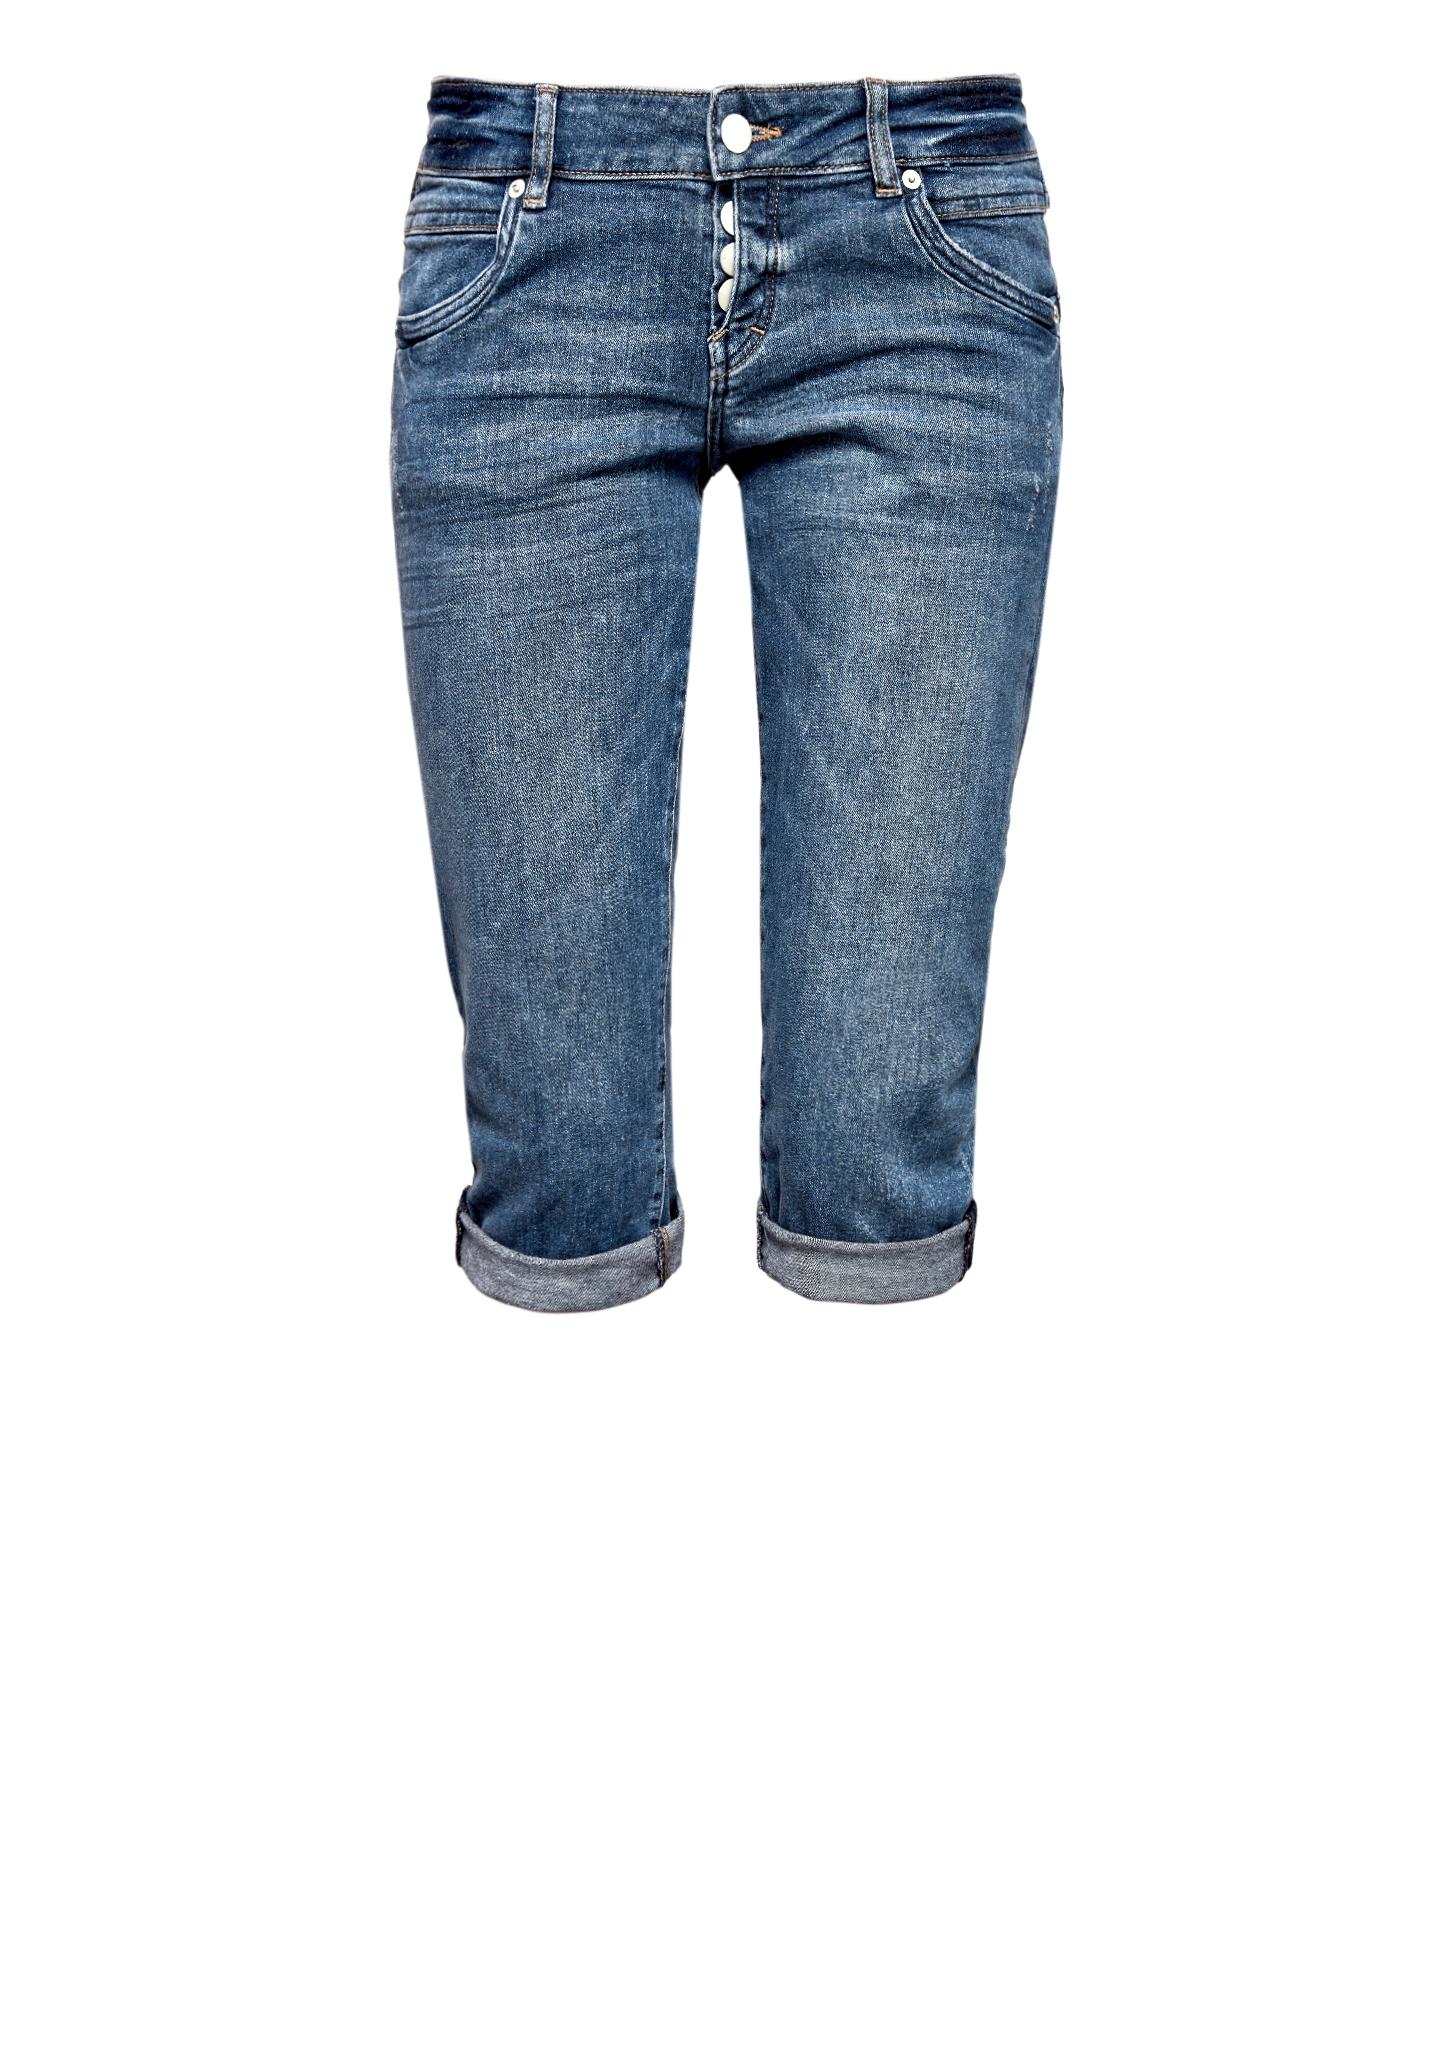 Capri-Jeans | Bekleidung > Jeans > Caprijeans | Blau | 99% baumwolle -  1% elasthan| enthält nichttextile teile tierischen ursprungs (leder-patch) | Q/S designed by